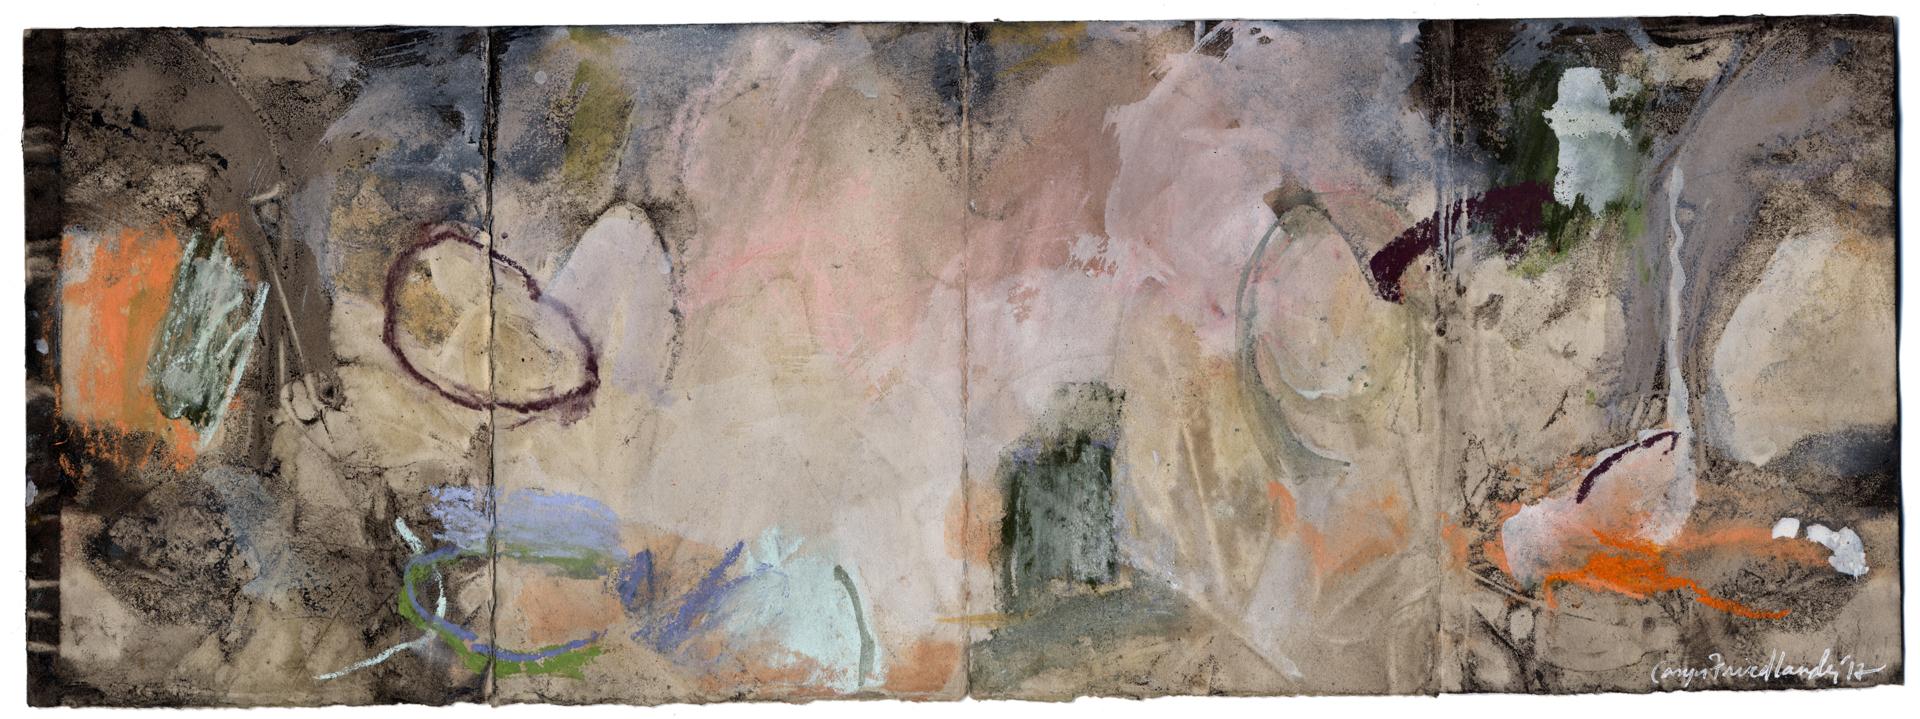 Padden by Caryn Friedlander